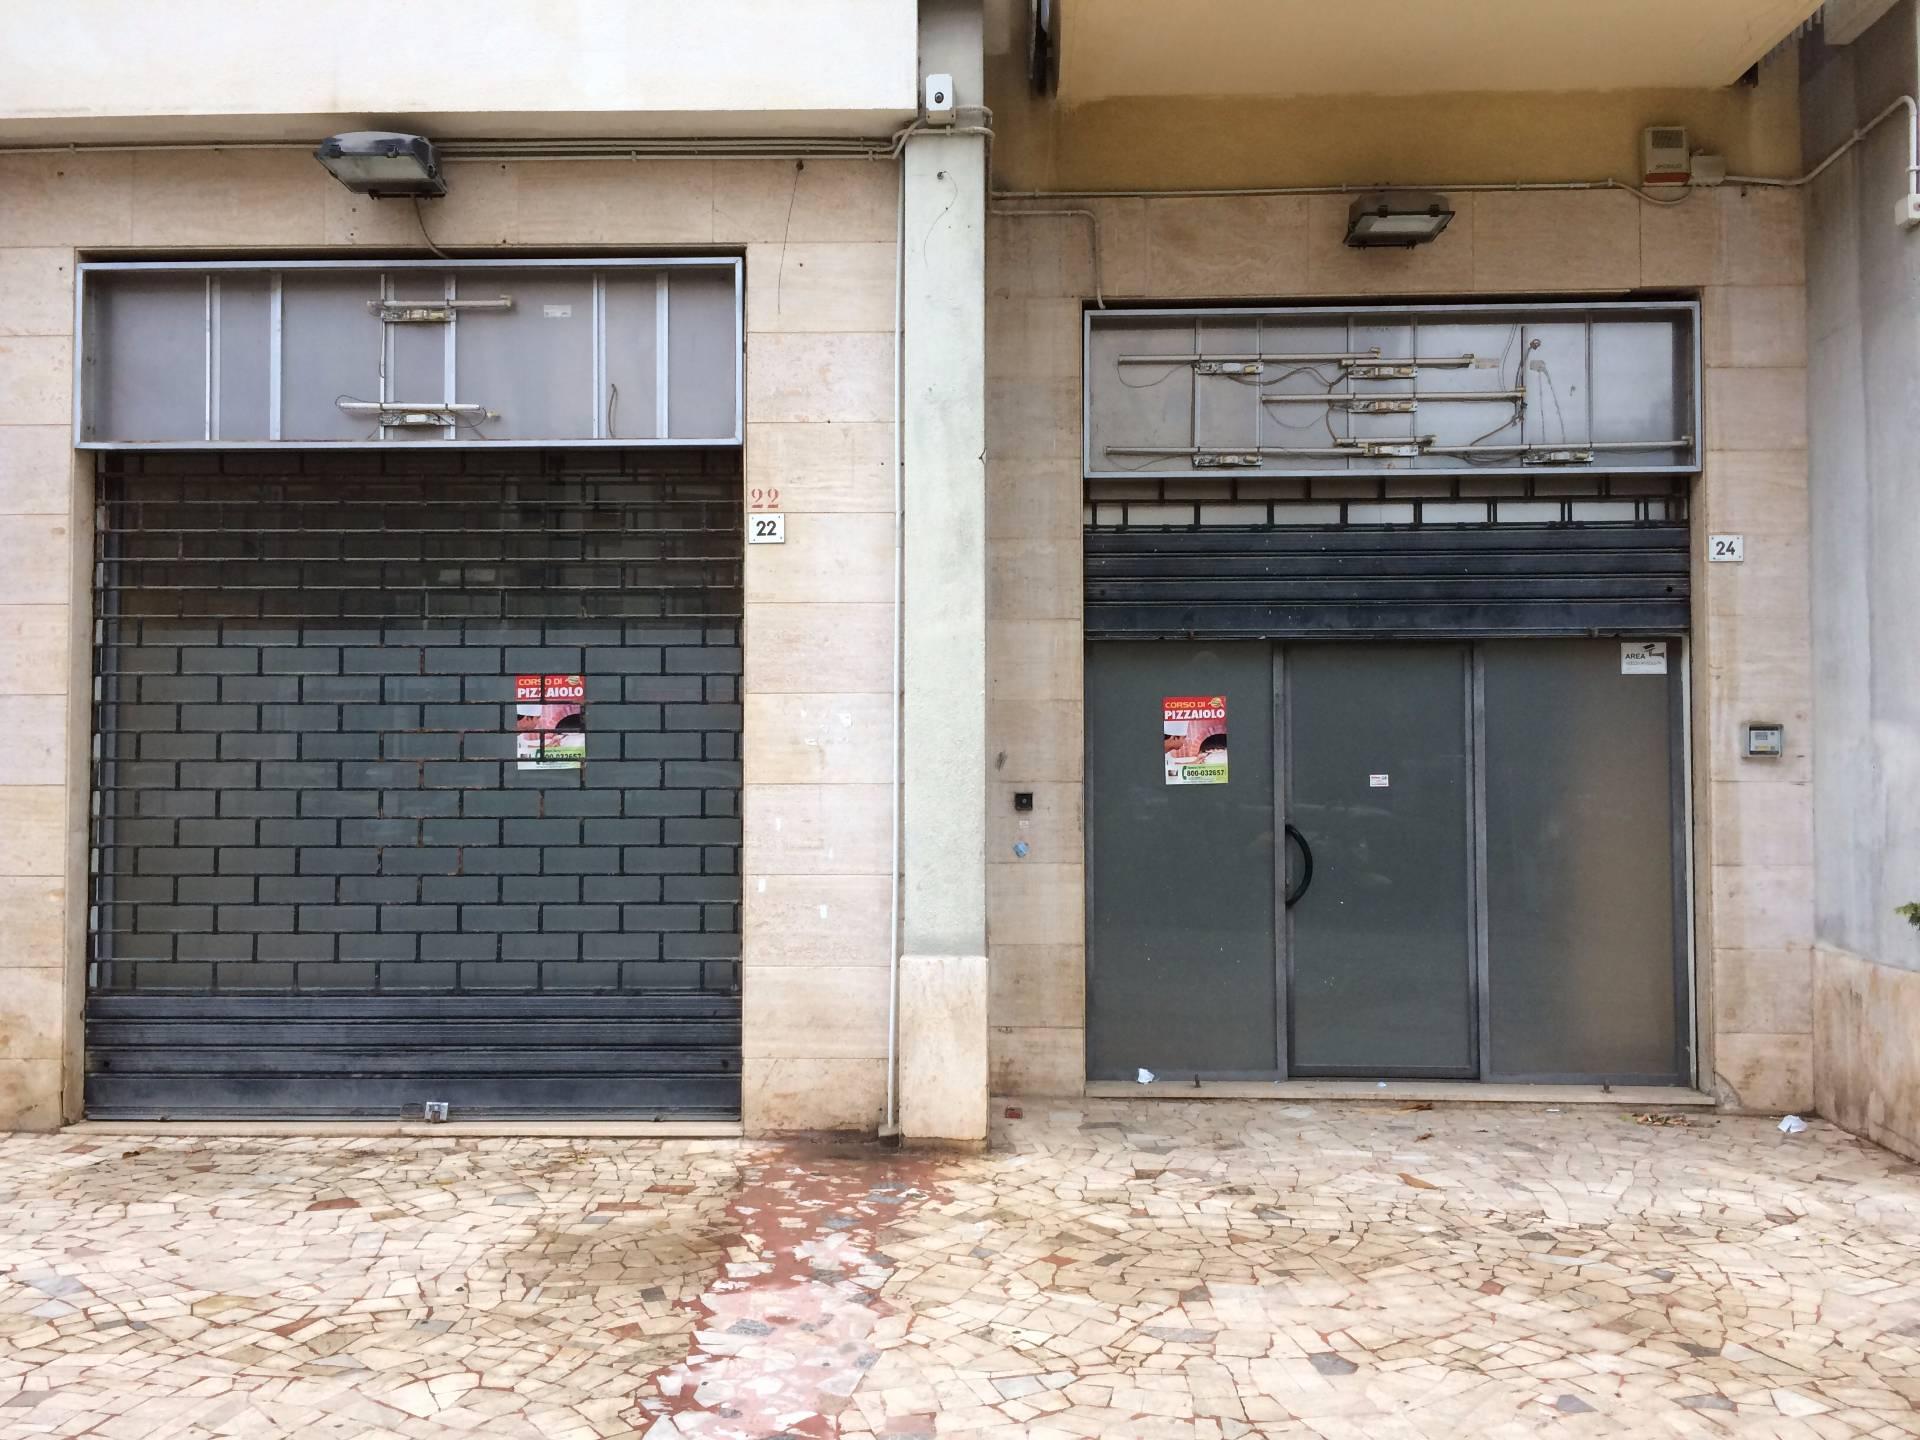 Negozio / Locale in affitto a Palermo, 9999 locali, zona Località: Malaspina, prezzo € 650 | Cambio Casa.it